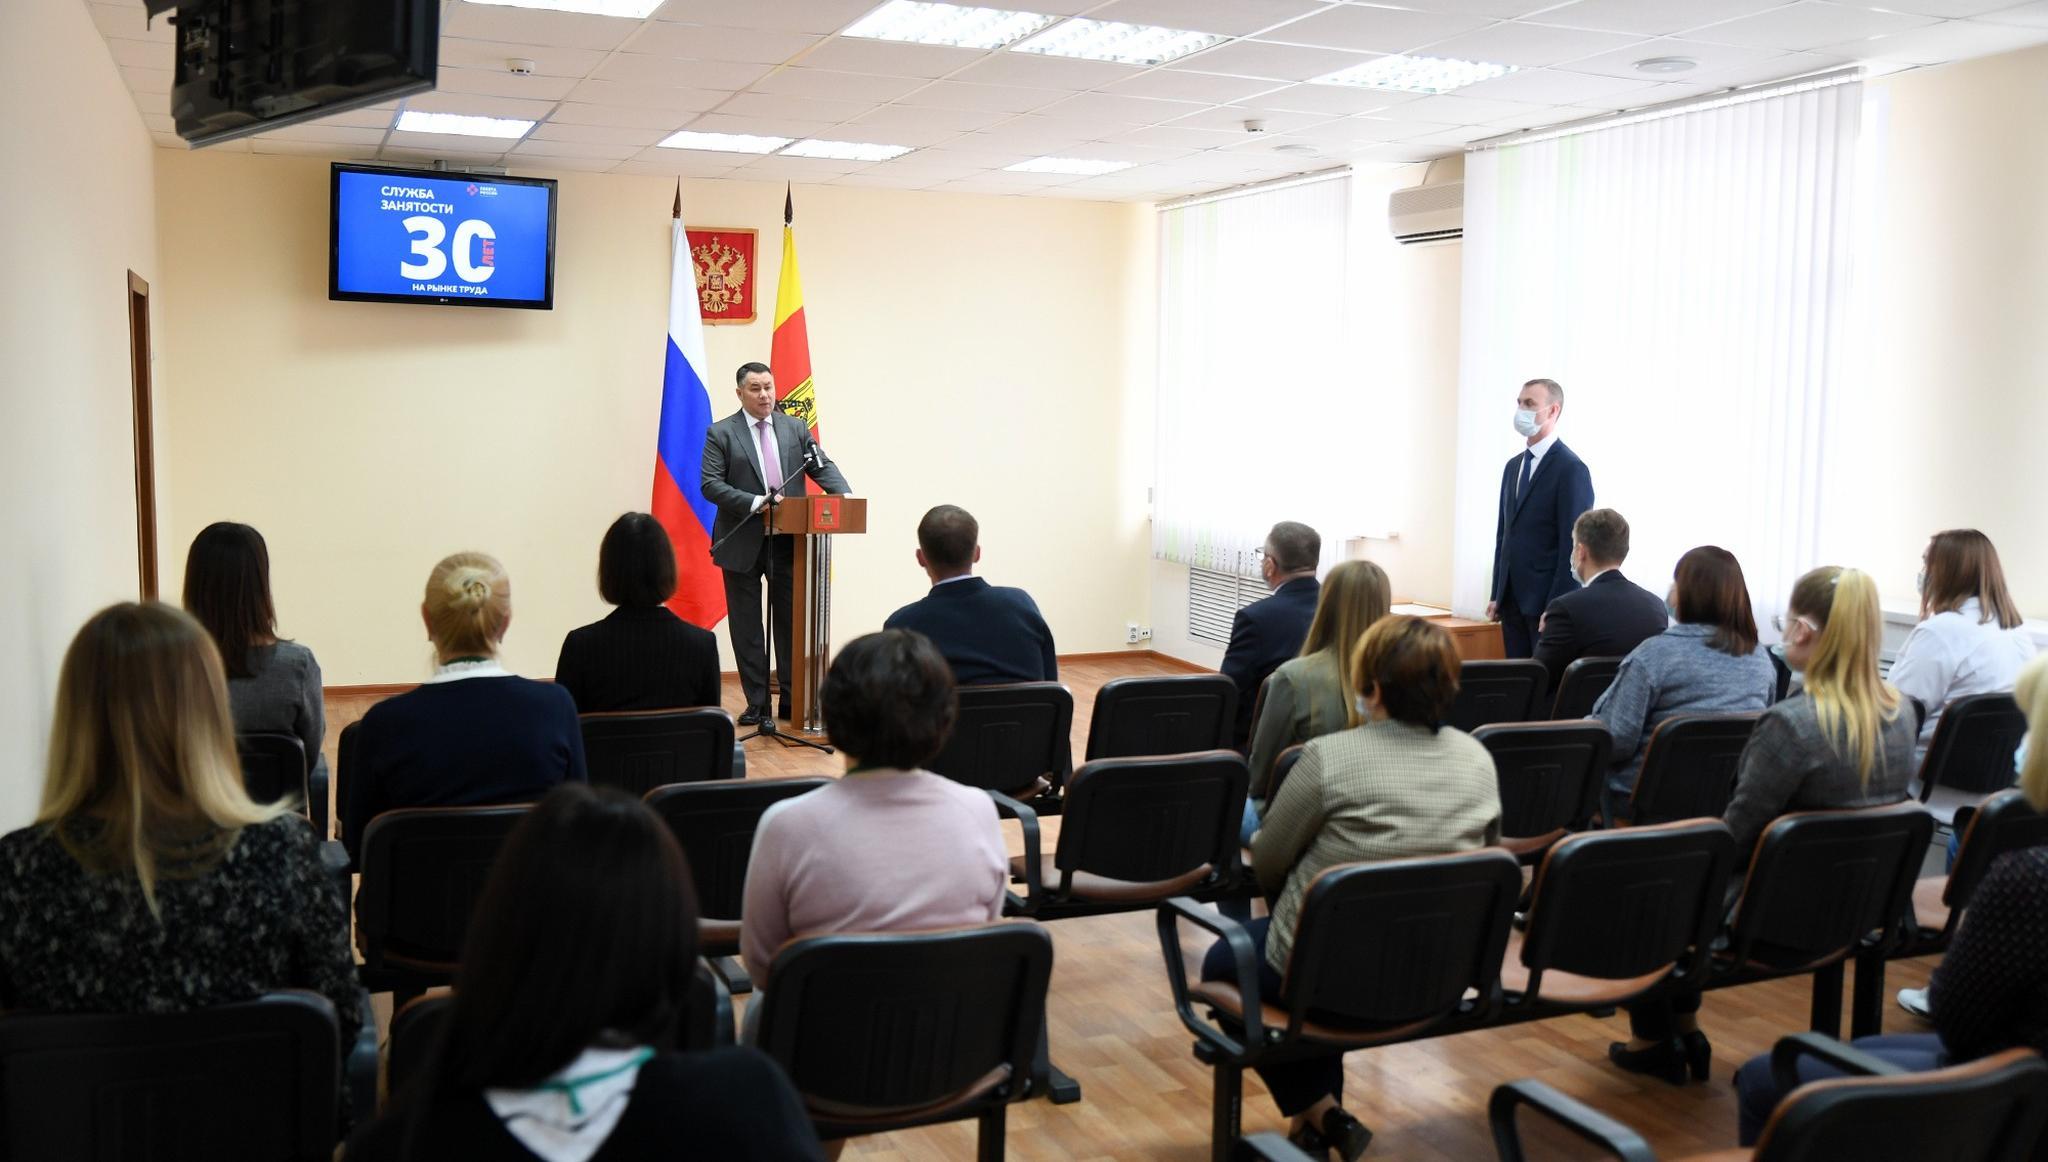 Игорь Руденя поздравил с 30-летием государственной службы занятости специалистов службы в Тверской области